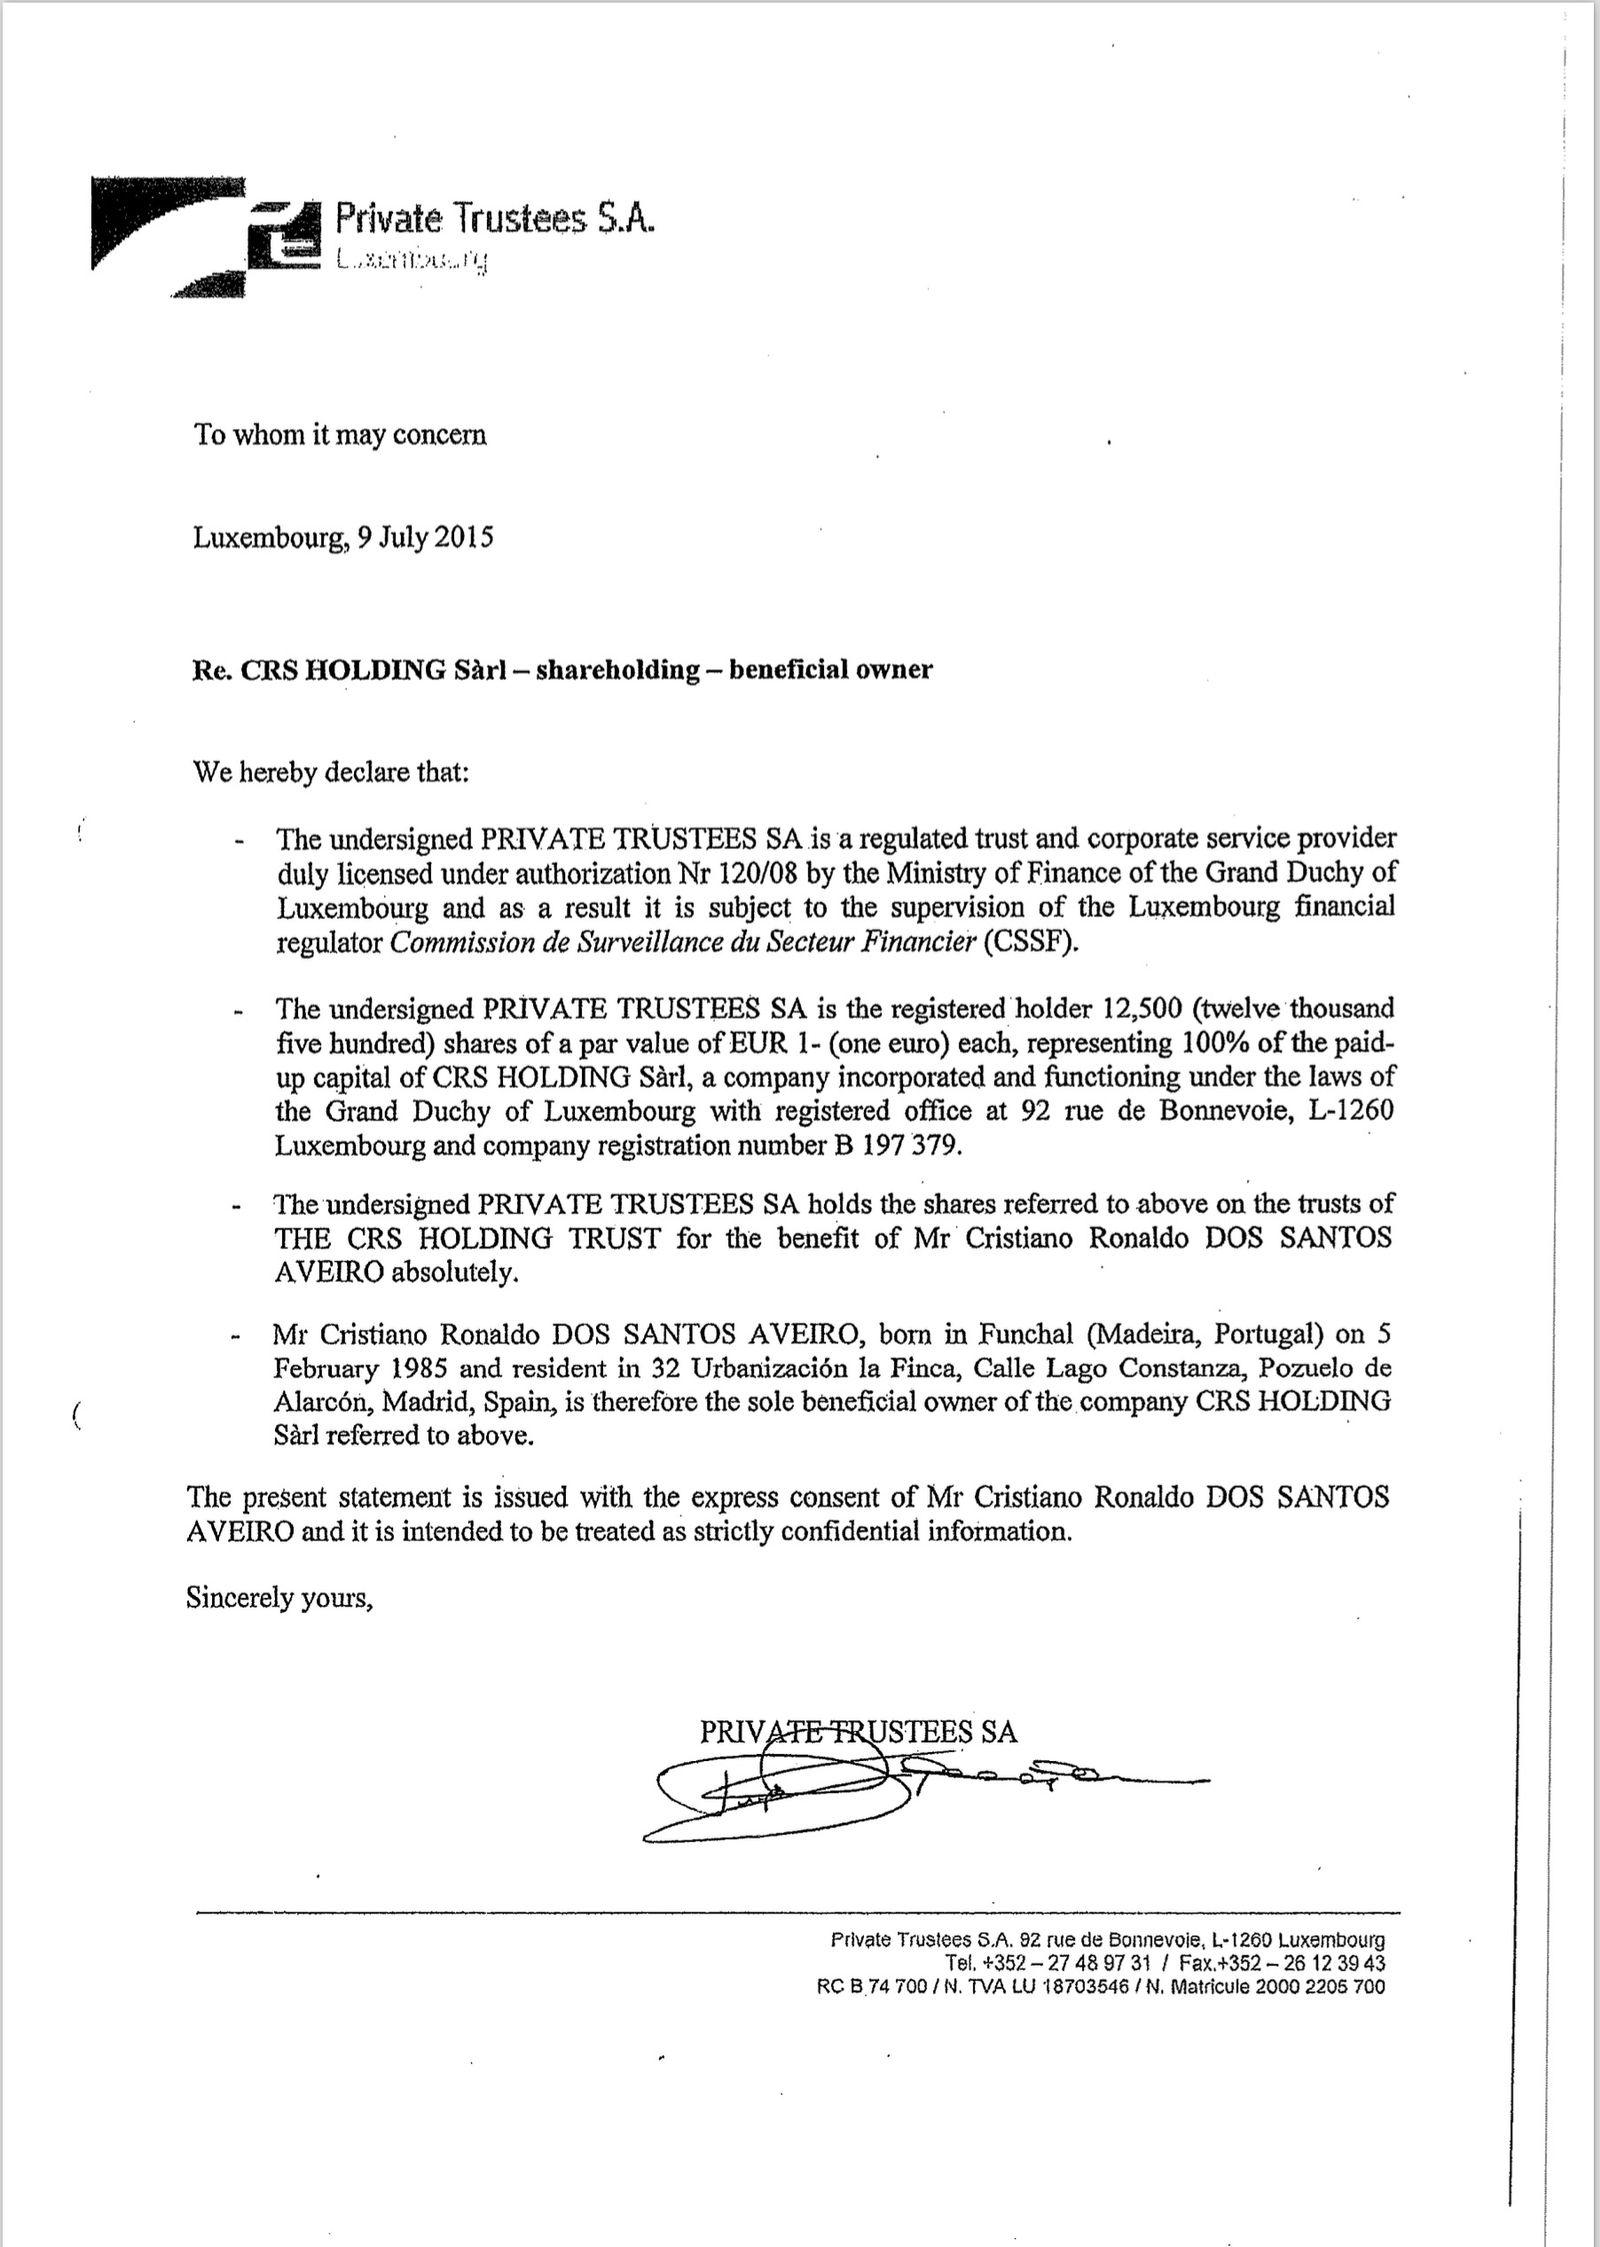 EINMALIGE VERWENDUNG SPIEGEL Plus SPIEGEL 17/2018 S. 102 Football Leaks / Dokument zu Ronlado und Steuern